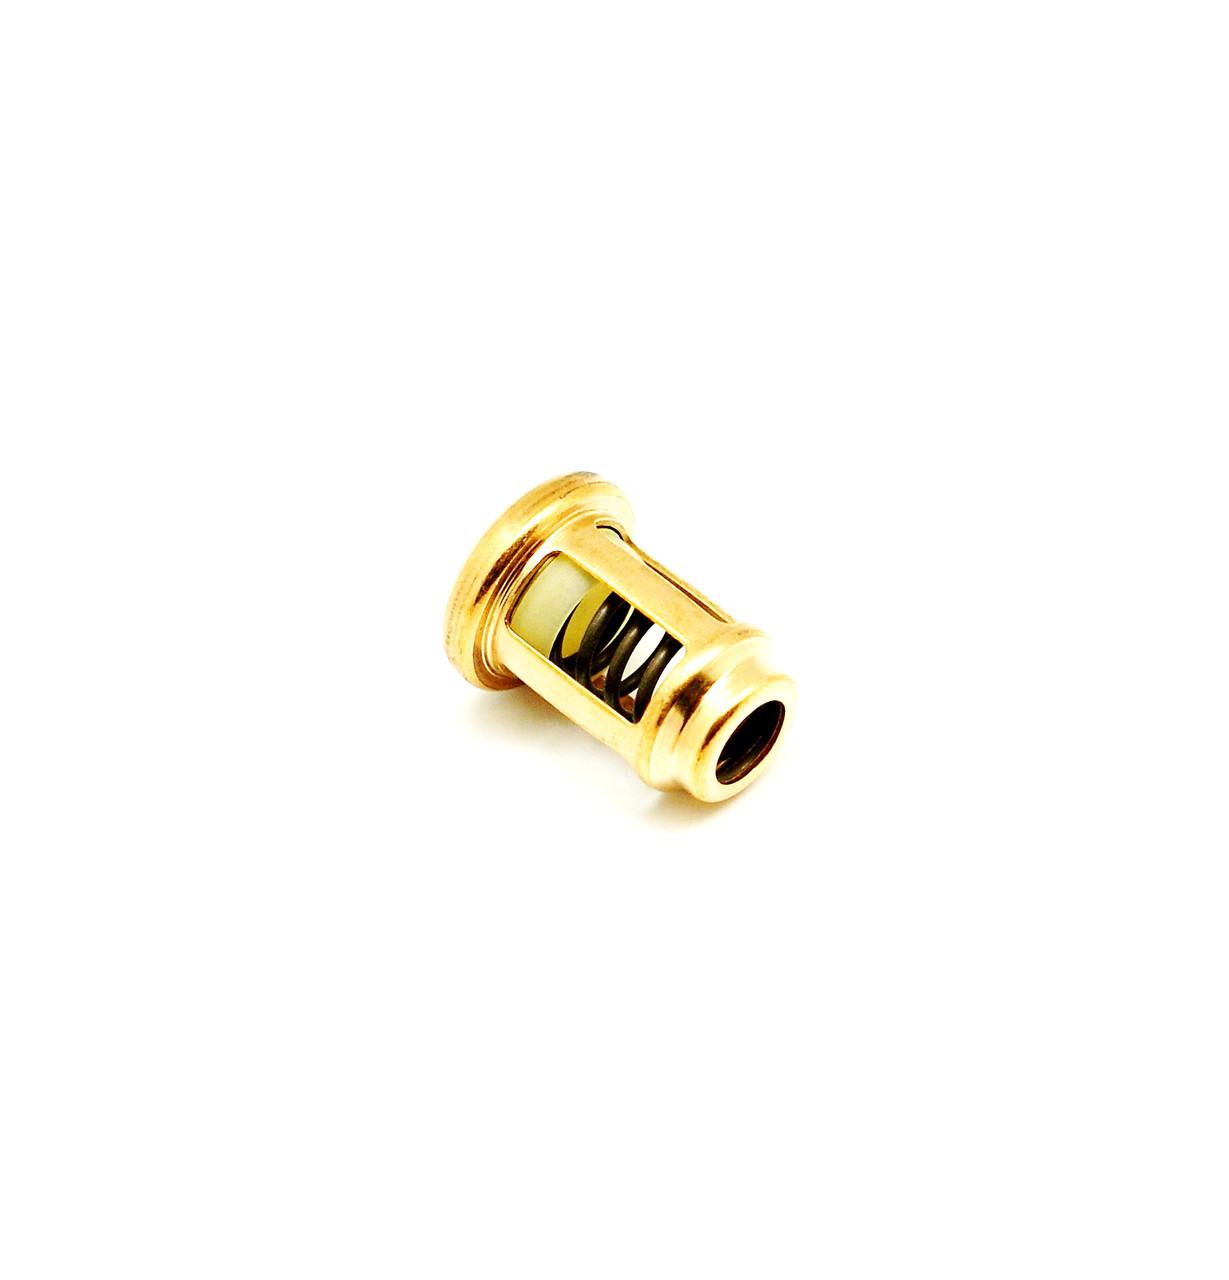 Регулятор давления масла (редукционный клапан) Cummins ISL9, QSL 3936365, 3927622, 3902338